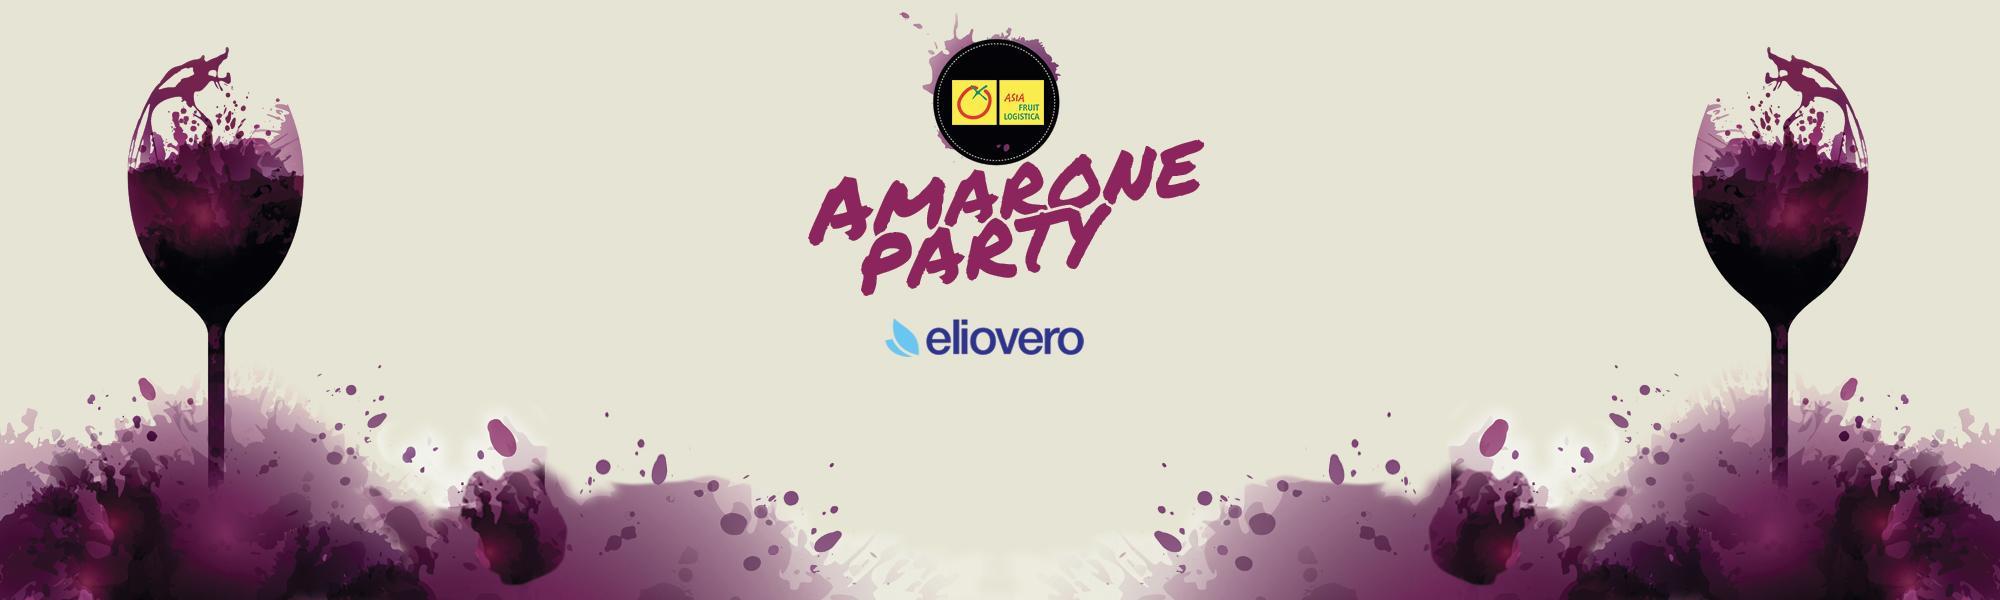 Amarone Party